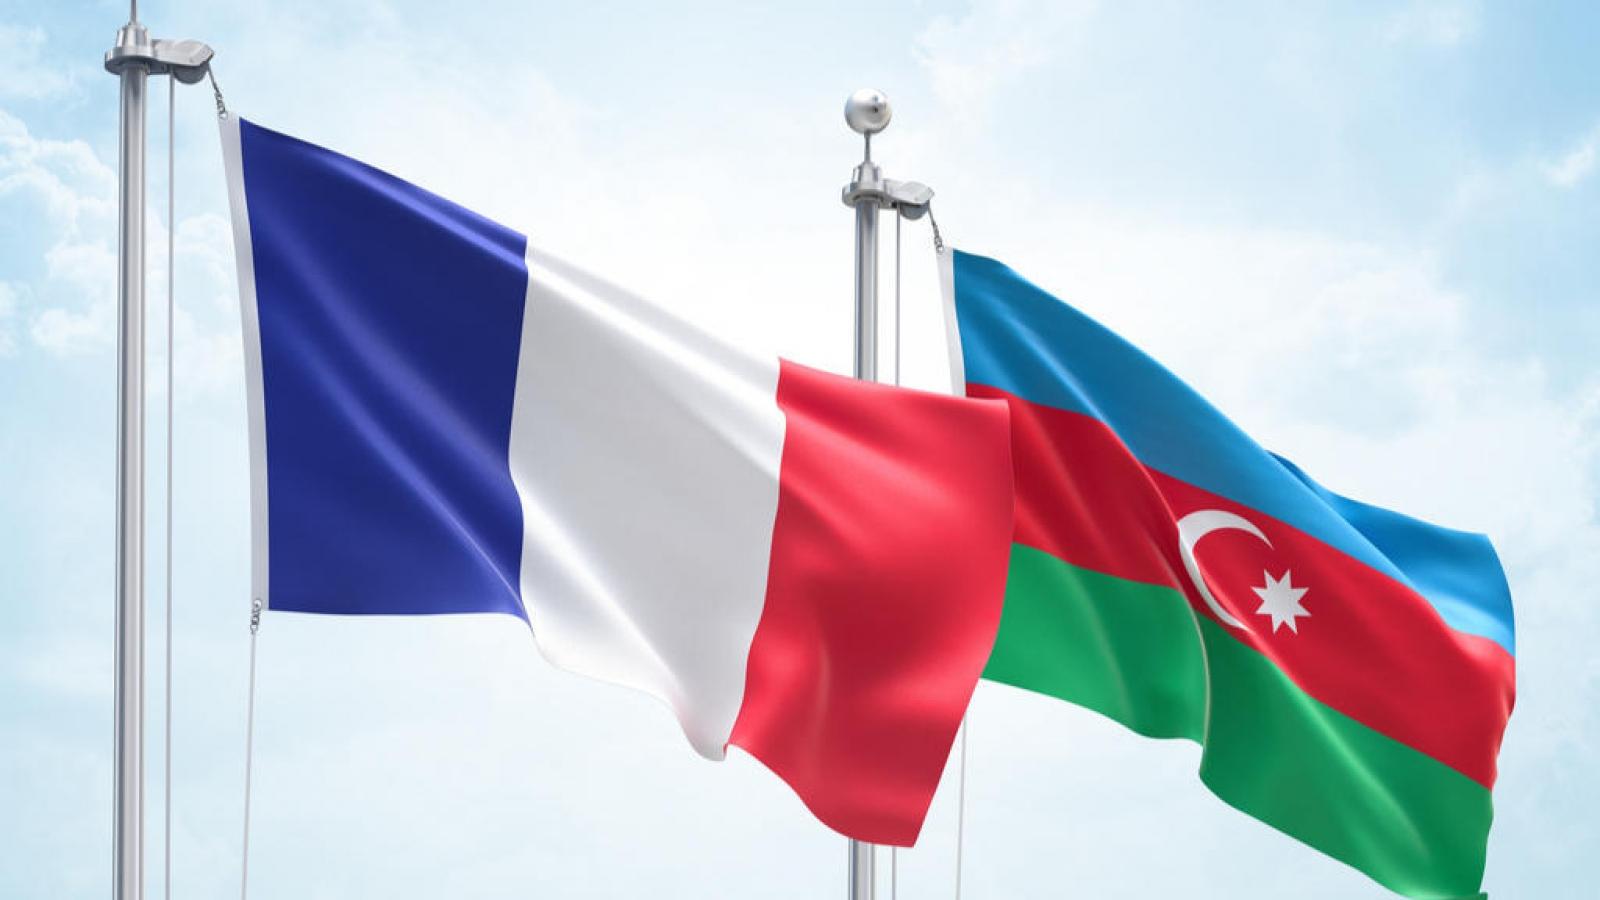 Ngoại trưởng Azerbaijan và Pháp trao đổi về lệnh ngừng bắn ở Nagorno-Karabakh